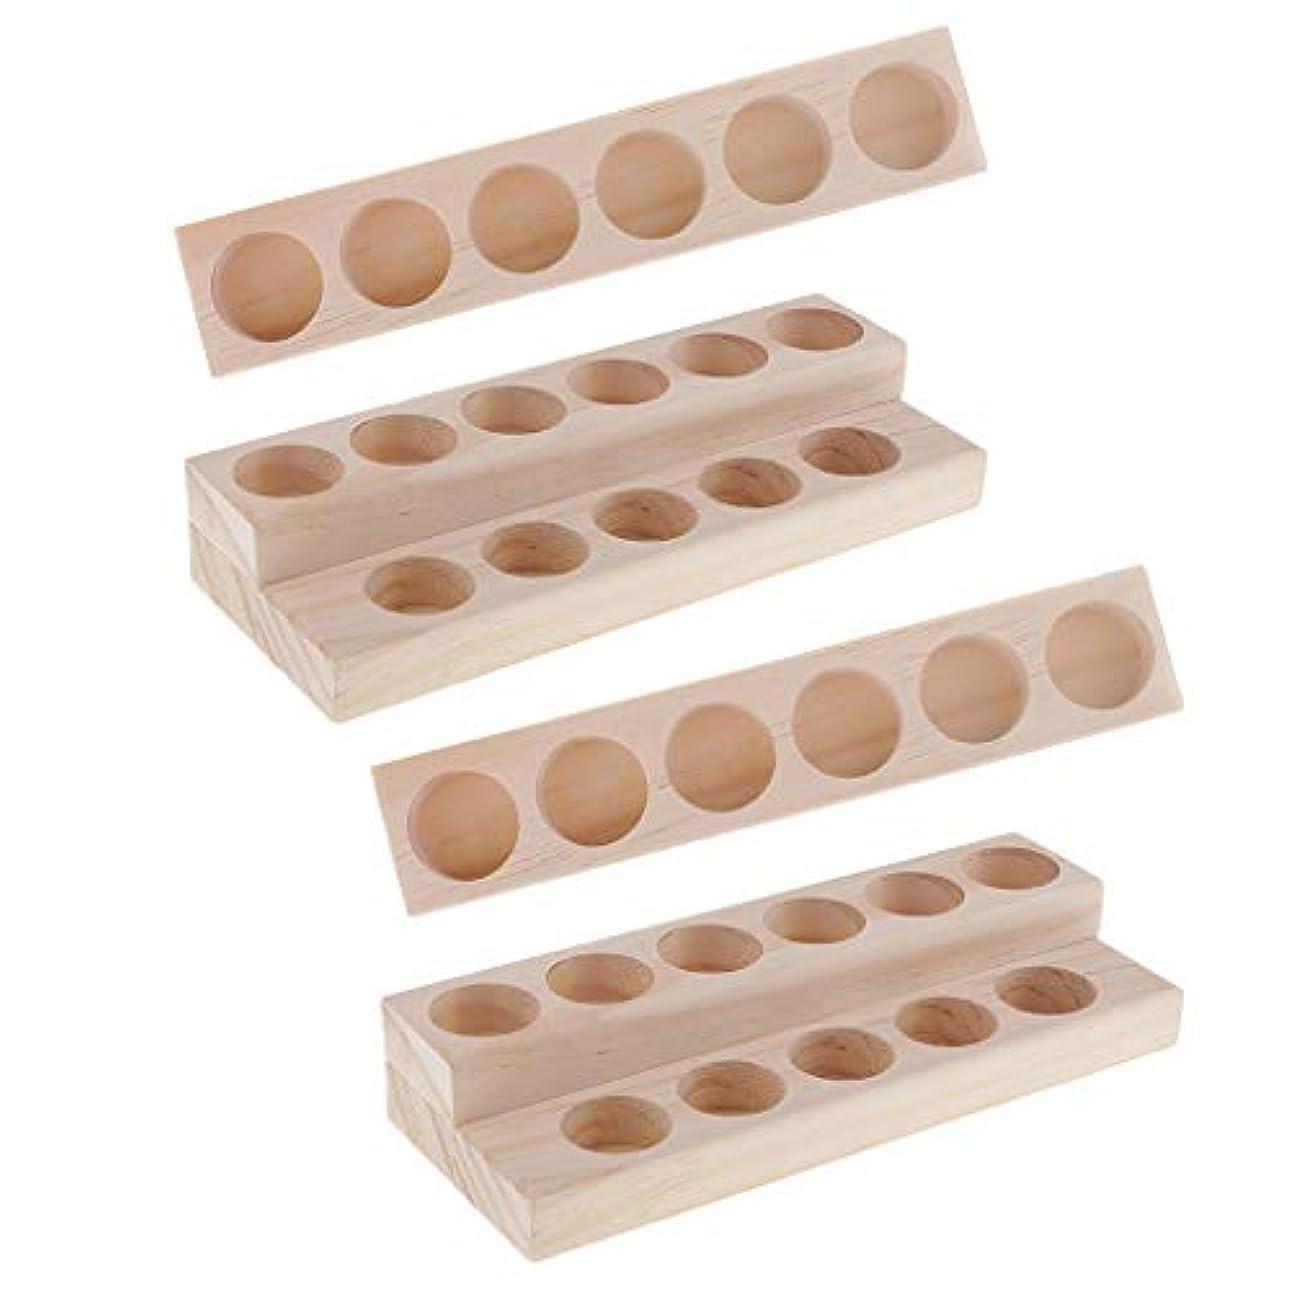 つづり地中海練習Hellery 木製 エッセンシャルオイル ディスプレイ 香水瓶収納 マニキュアスタンド 美容室 ネイルサロン 用品 4個入り